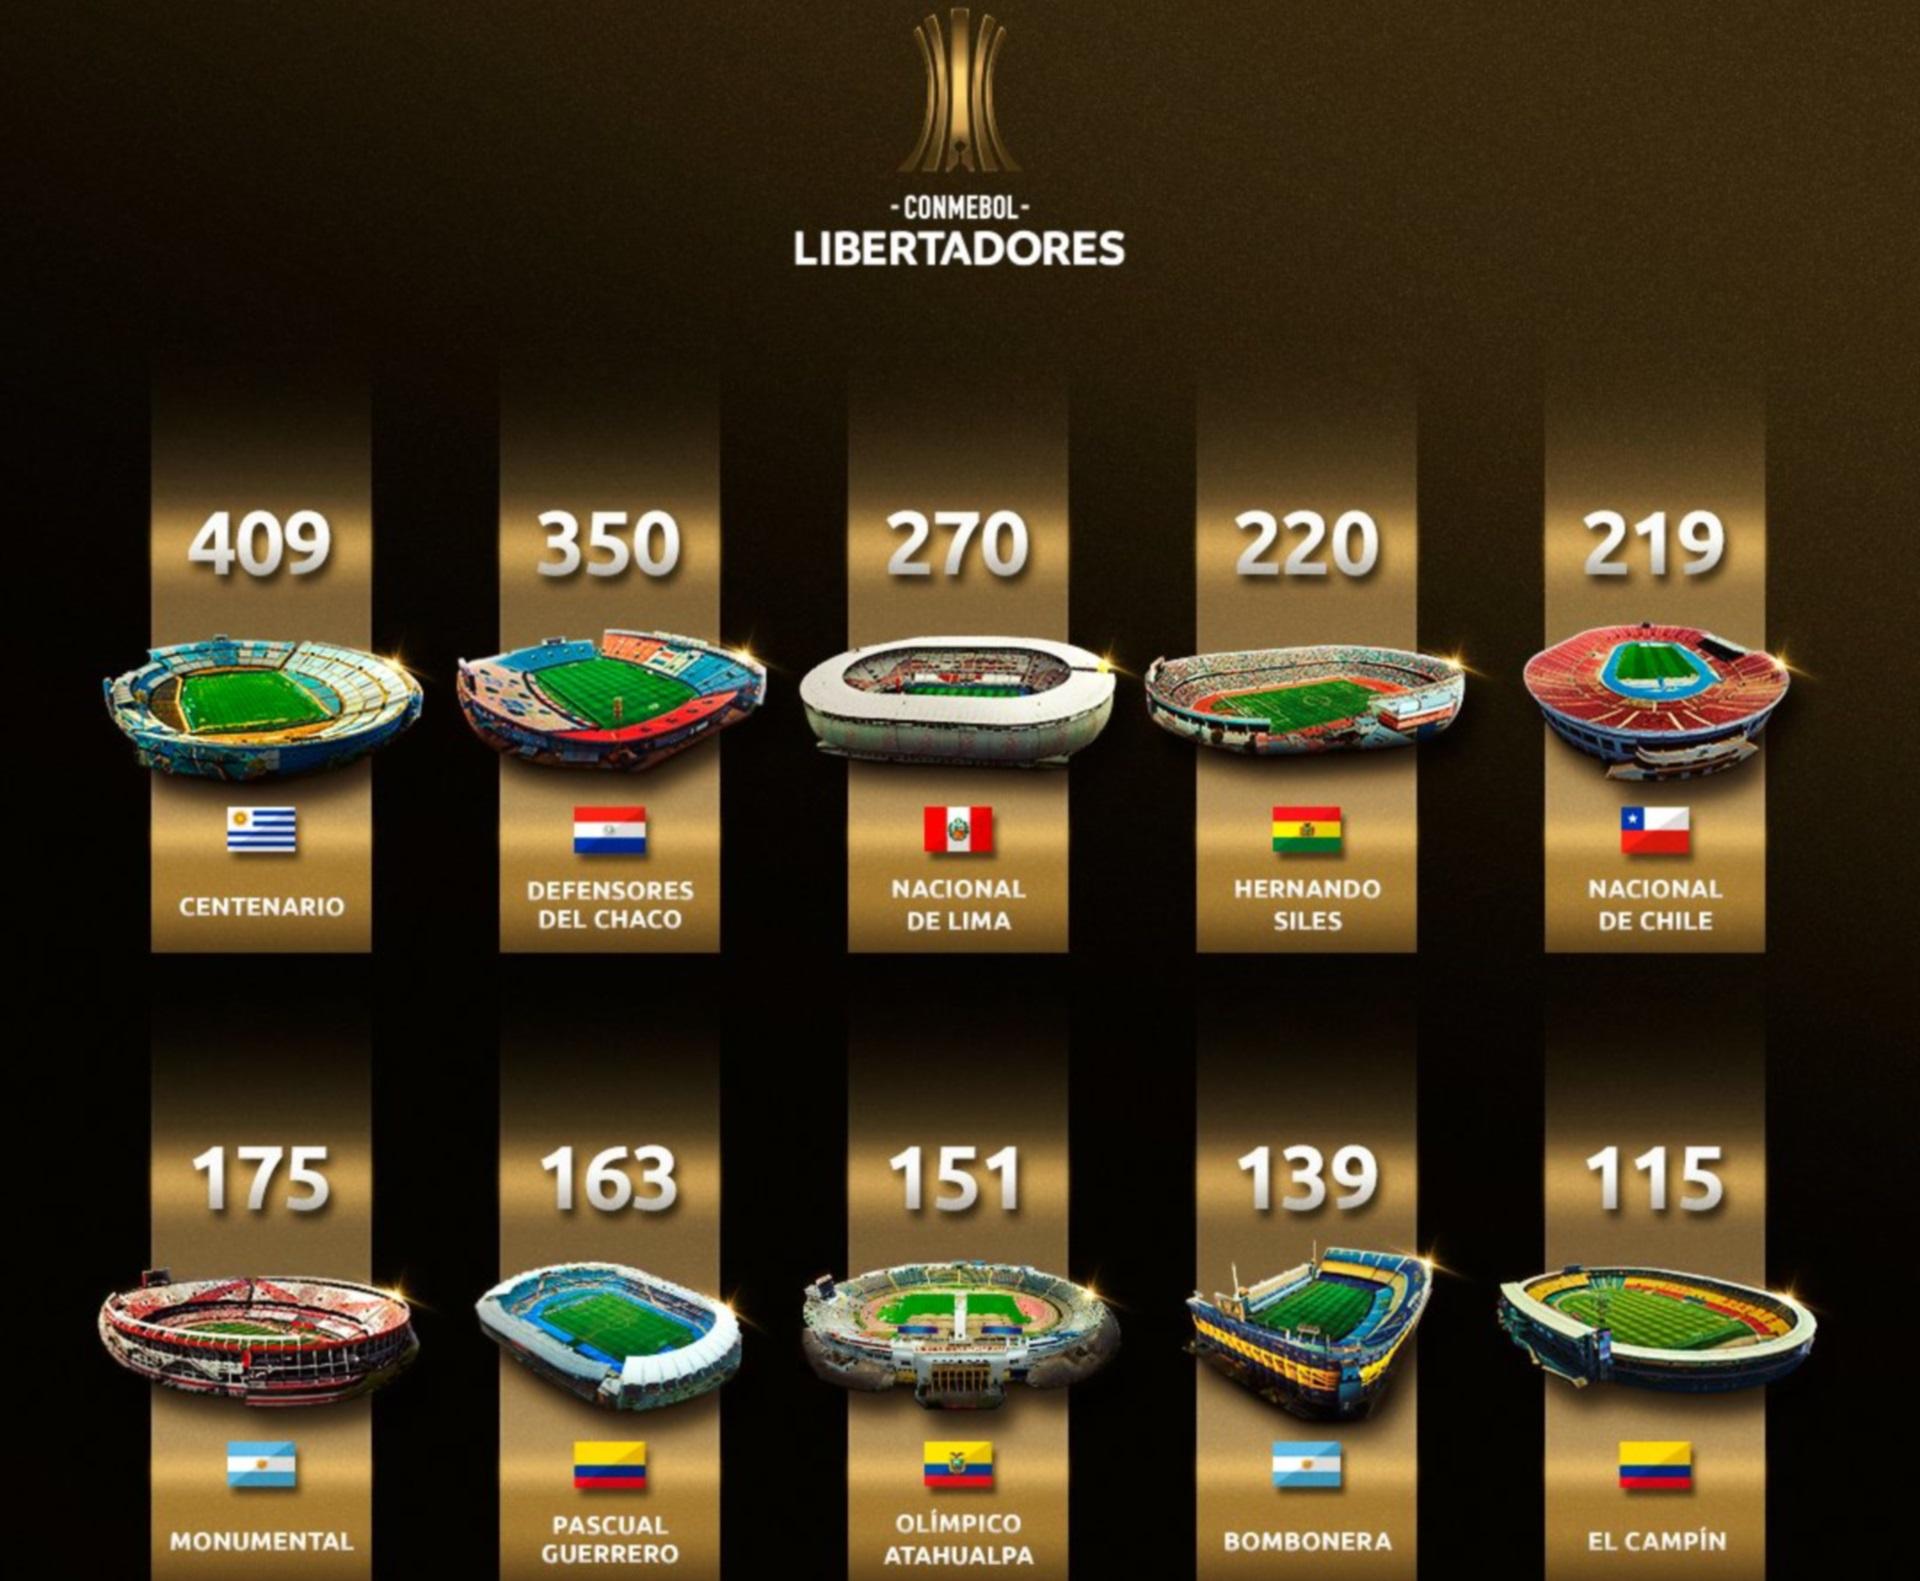 Los 10 estadios con más partidos de la Libertadores (Conmebol)